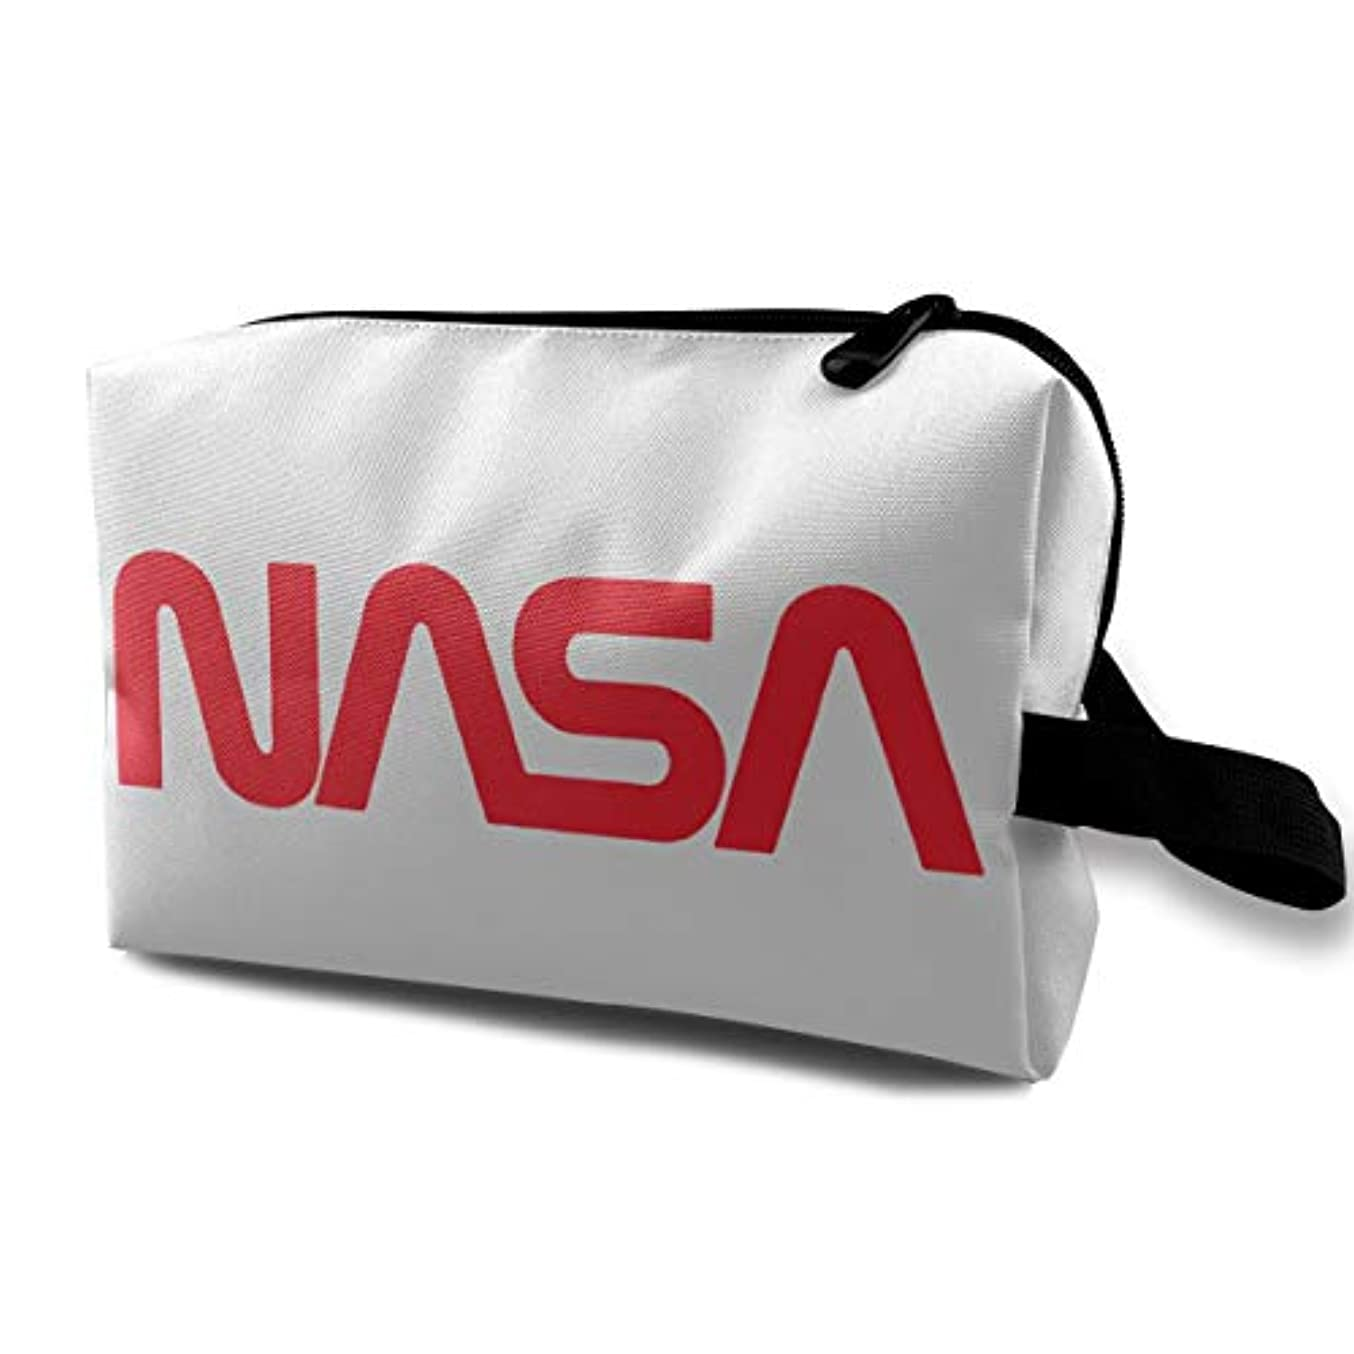 ラバリー時計回りDSB 化粧ポーチ コンパクト メイクポーチ 化粧バッグ NASA 航空 宇宙 化粧品 収納バッグ コスメポーチ メイクブラシバッグ 旅行用 大容量